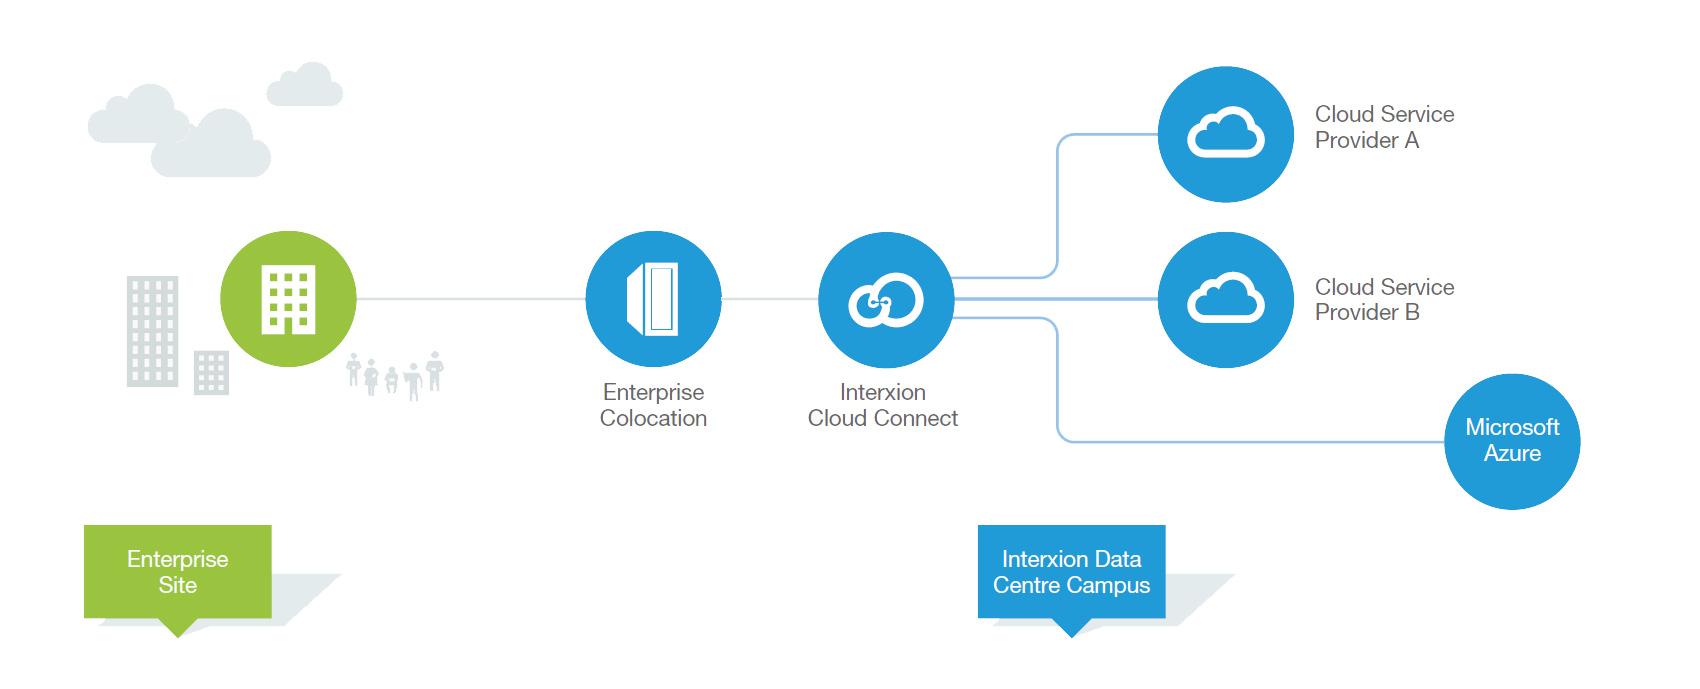 Diagramm zeigt wie Microsoft Azure mit Interxion Cloud Connect und Colocation funktioniert